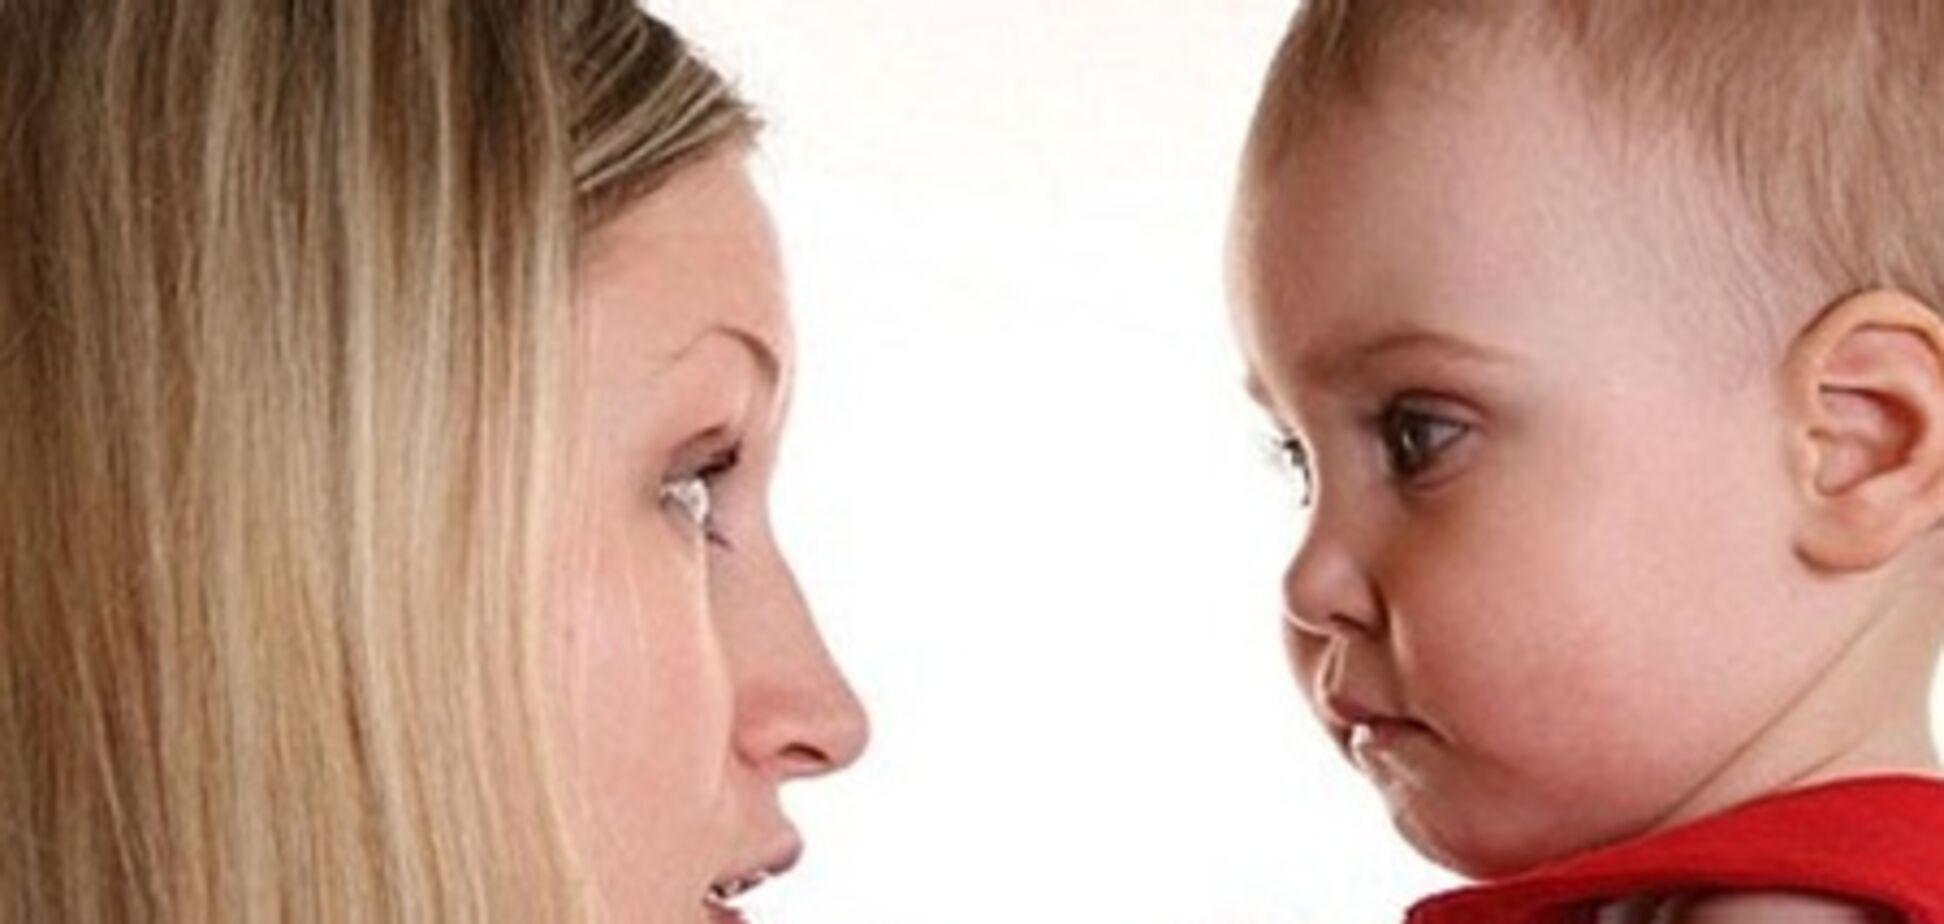 Чего категорически нельзя говорить ребенку